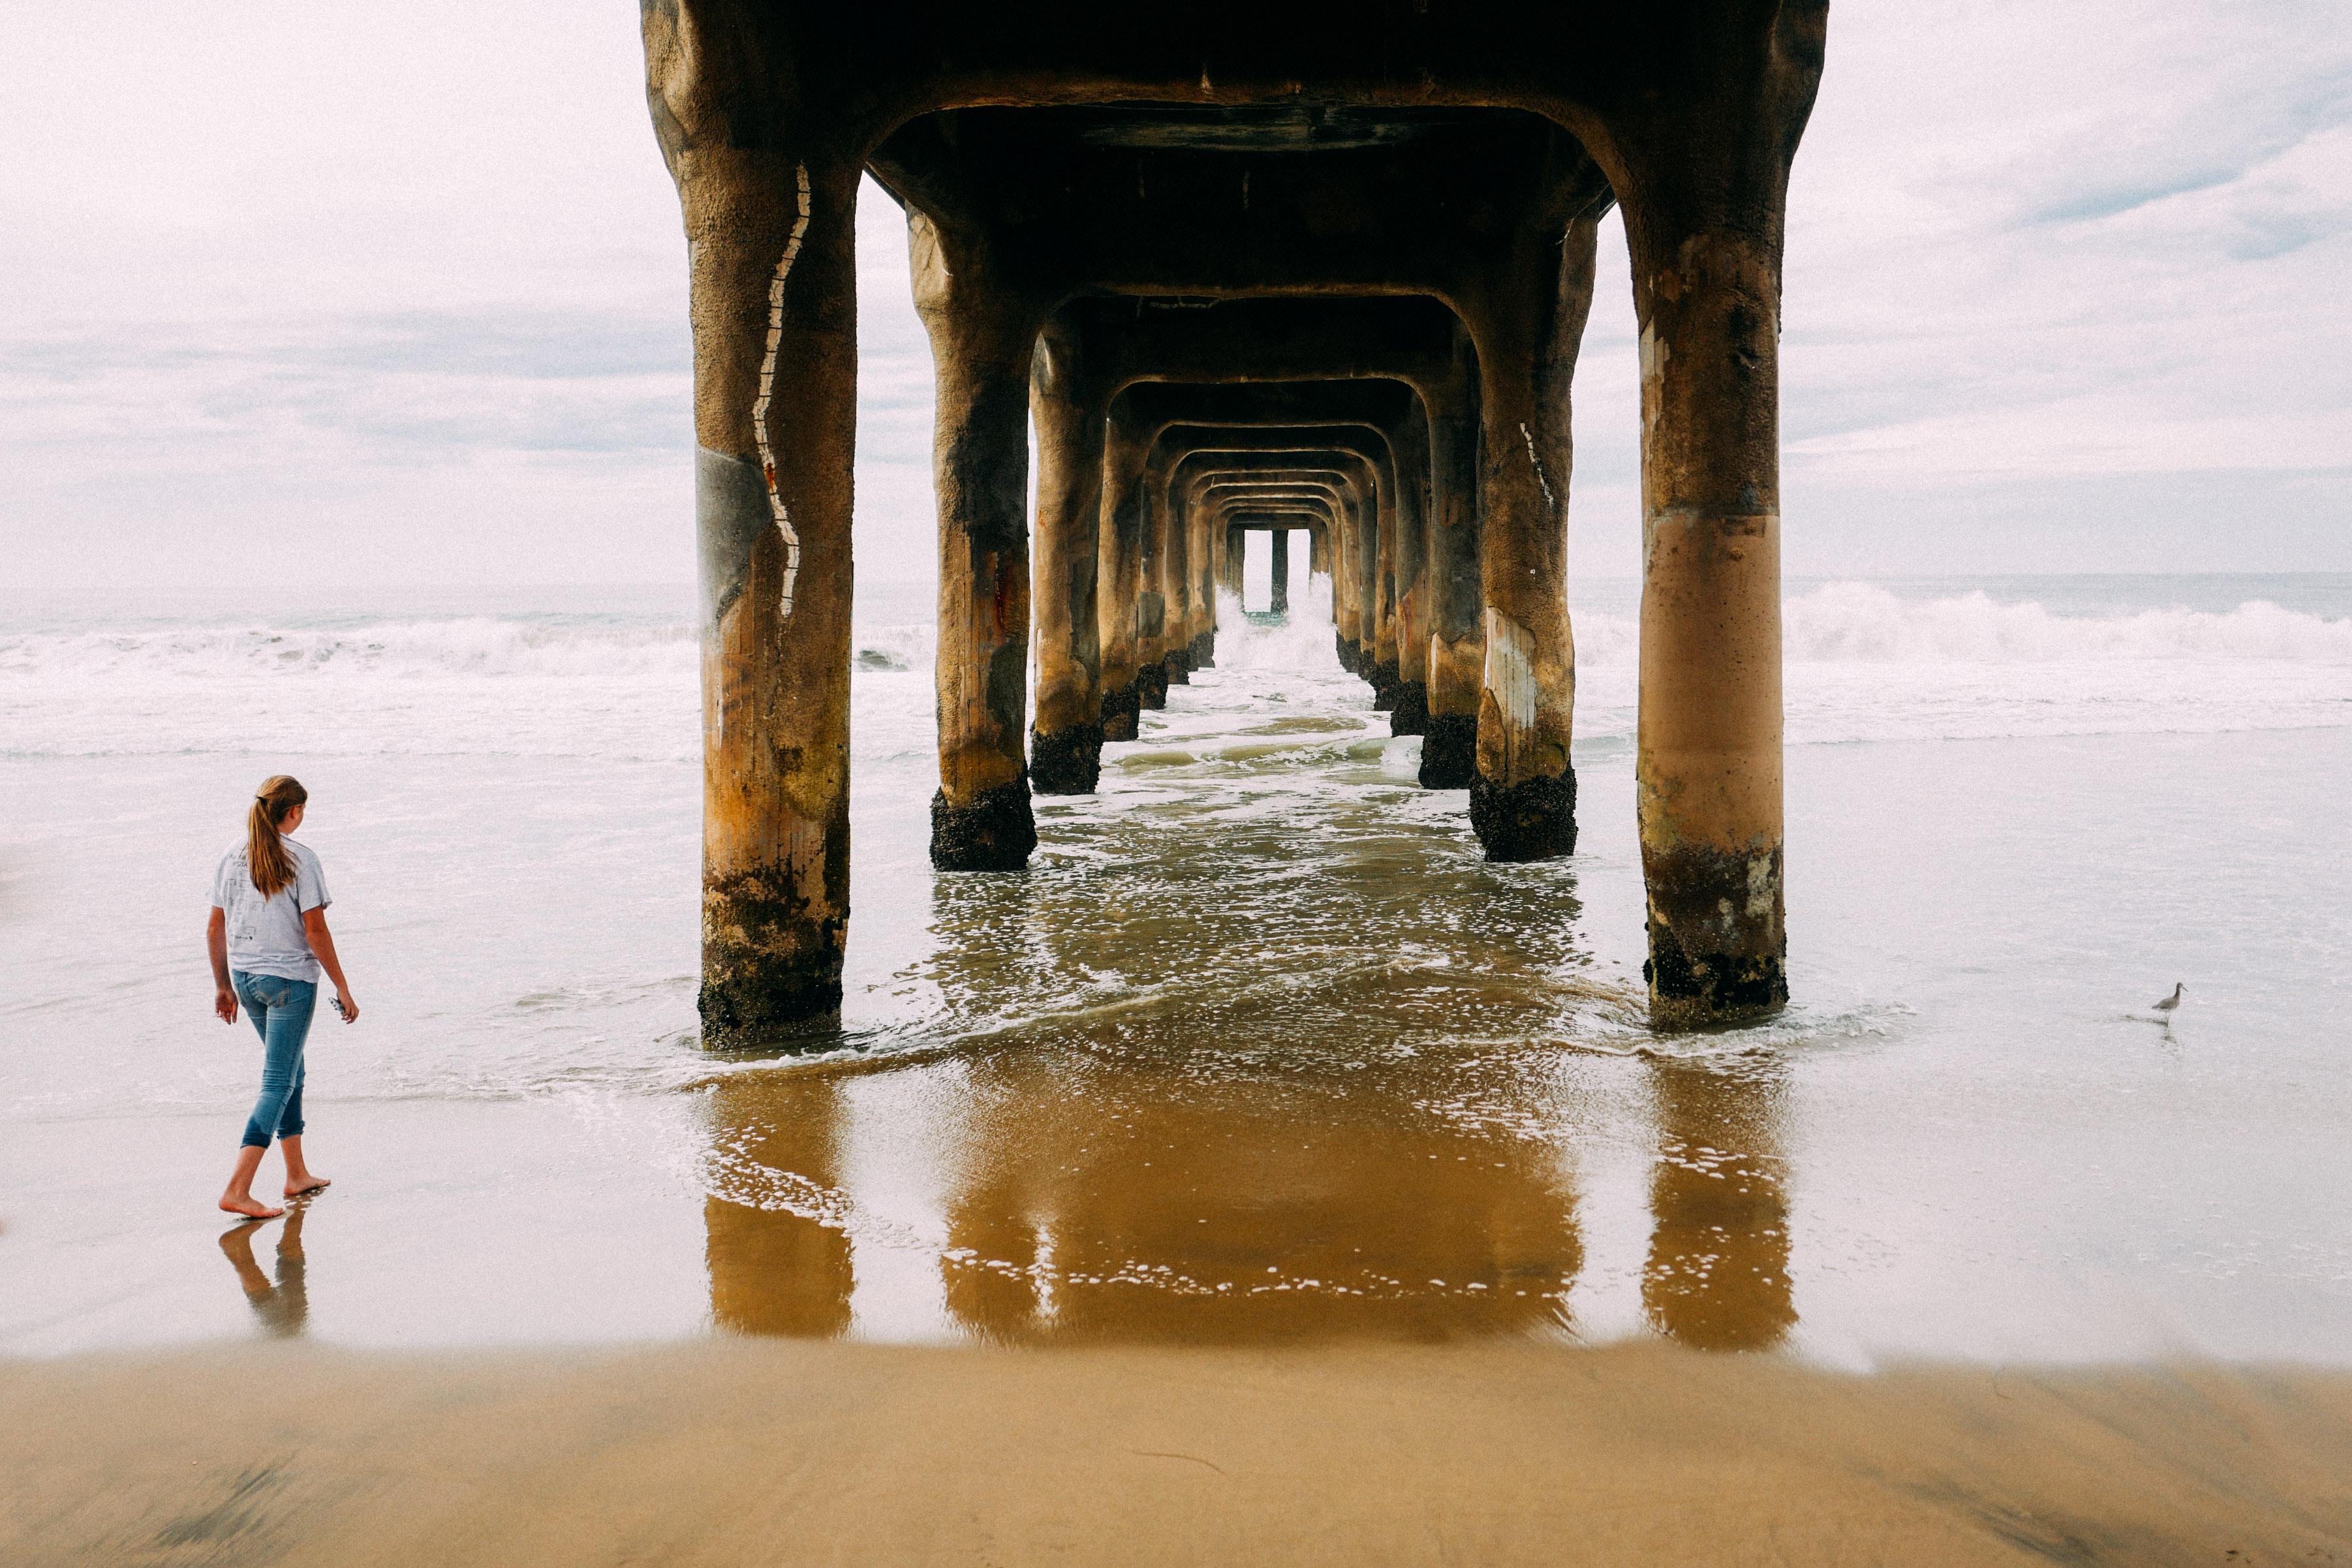 Woman on the sand beach near wooden pillars of Manhattan Beach Pier